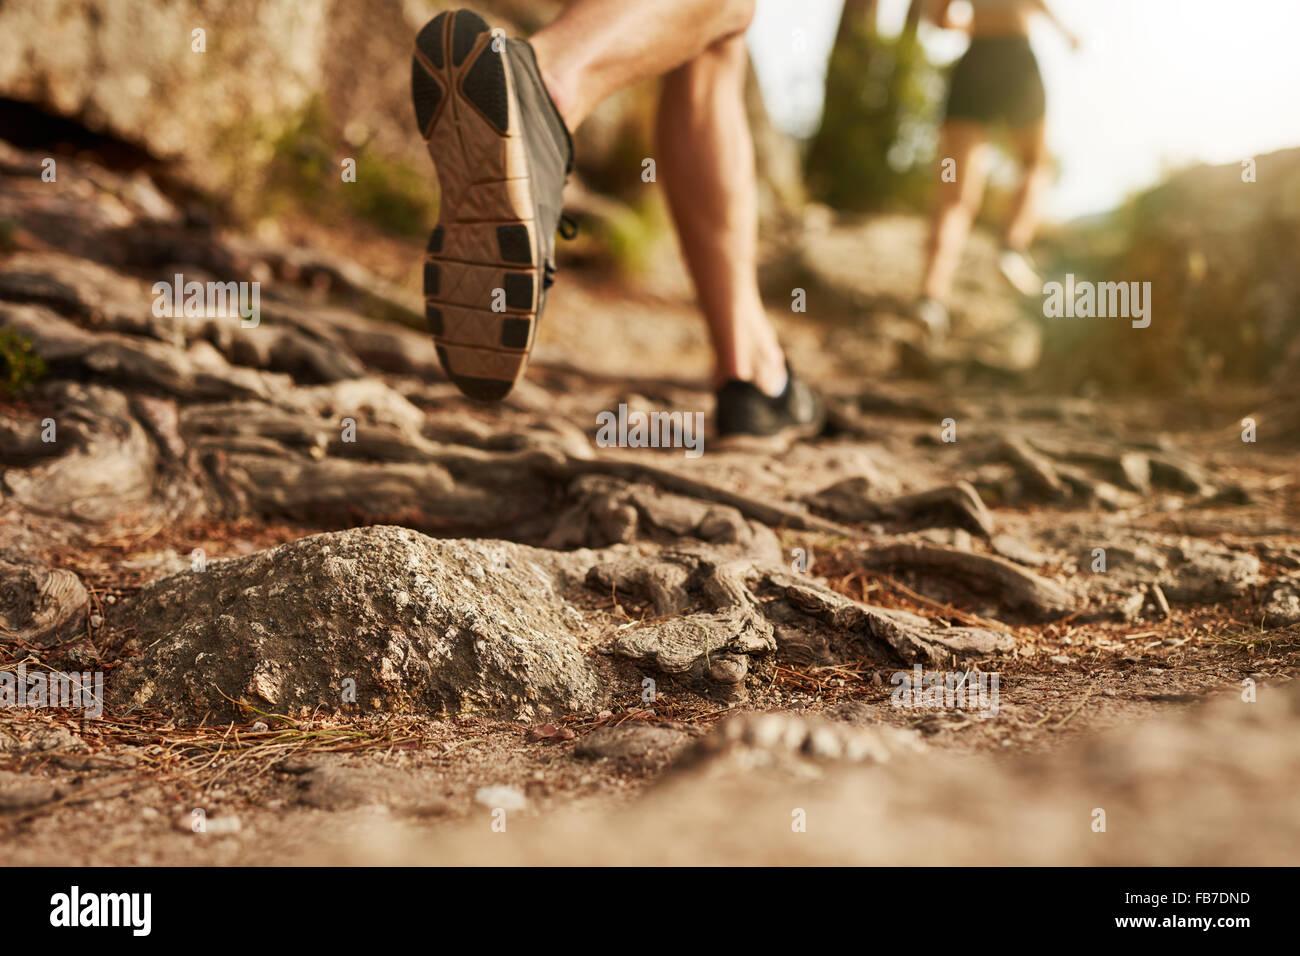 Cross Country en ejecución. Primer plano del macho pies corren a través de terreno rocoso. Se centran Imagen De Stock